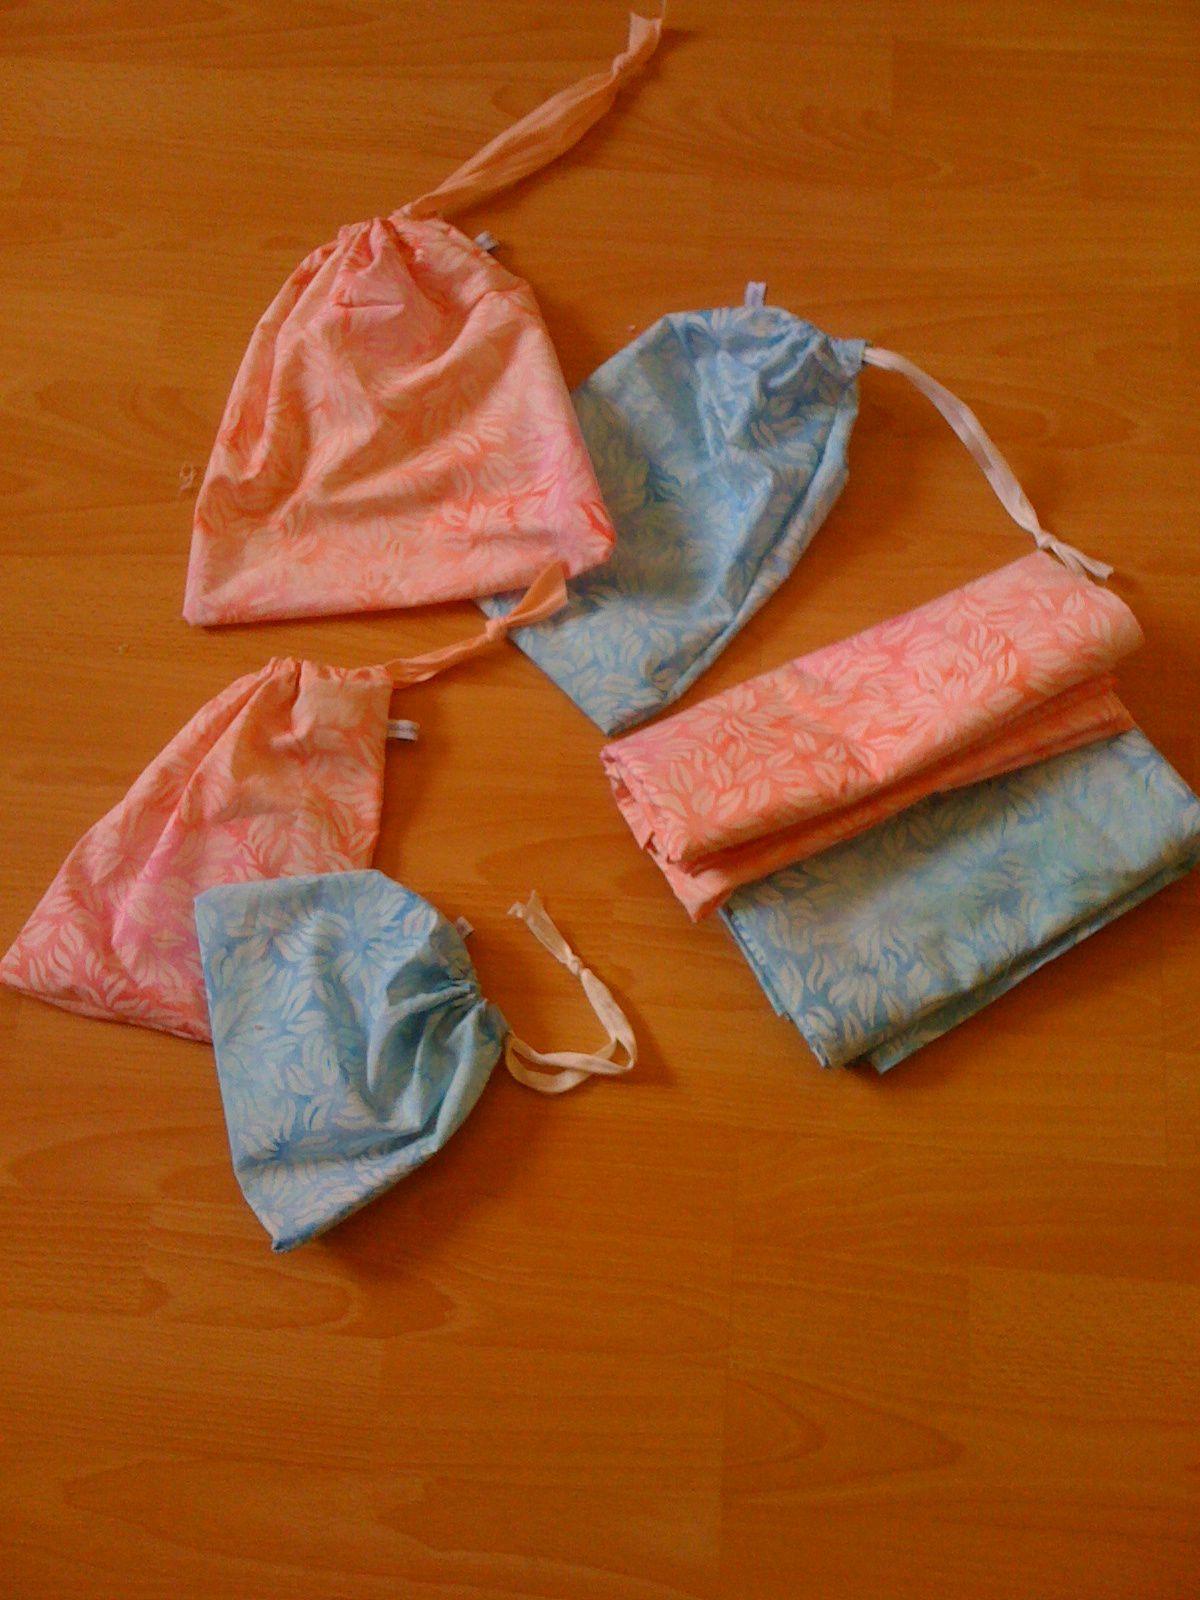 pagnes de plage, serviette en tissu, avec sacs assortis, sur charlotteblabla blog*